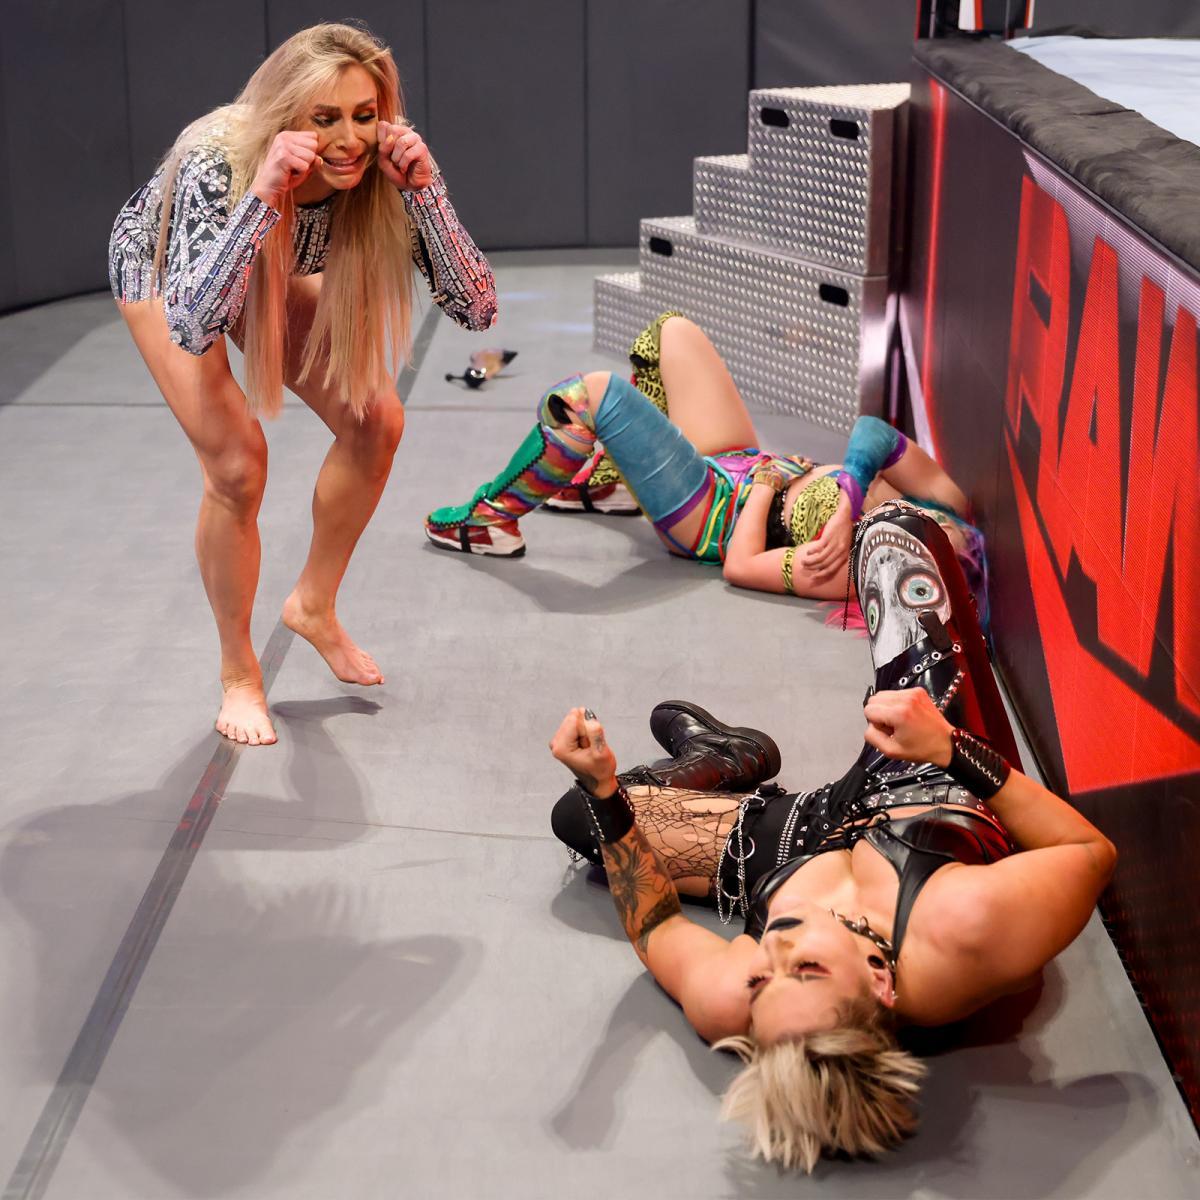 フレアー(左端)に襲撃されたロウ女子王者リプリー(右前)とアスカ(C)2021 WWE, Inc. All Rights Reserved.